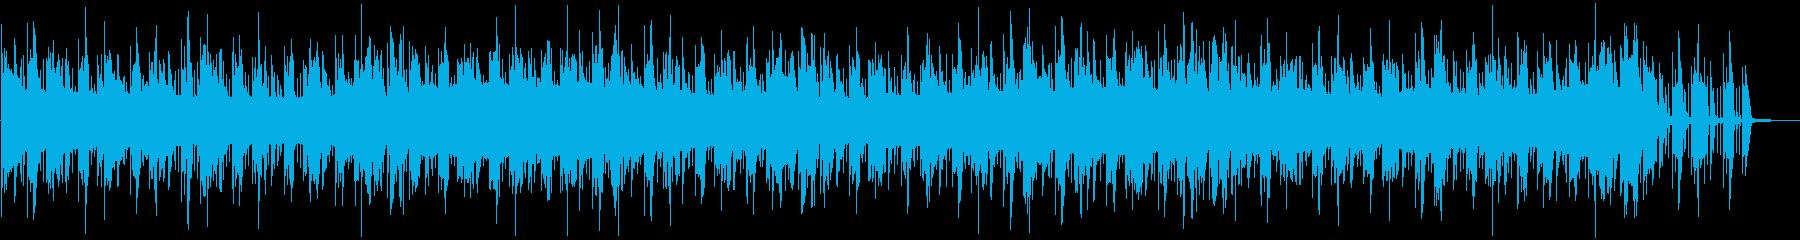 シンセとドラムンベースをフィーチャーの再生済みの波形